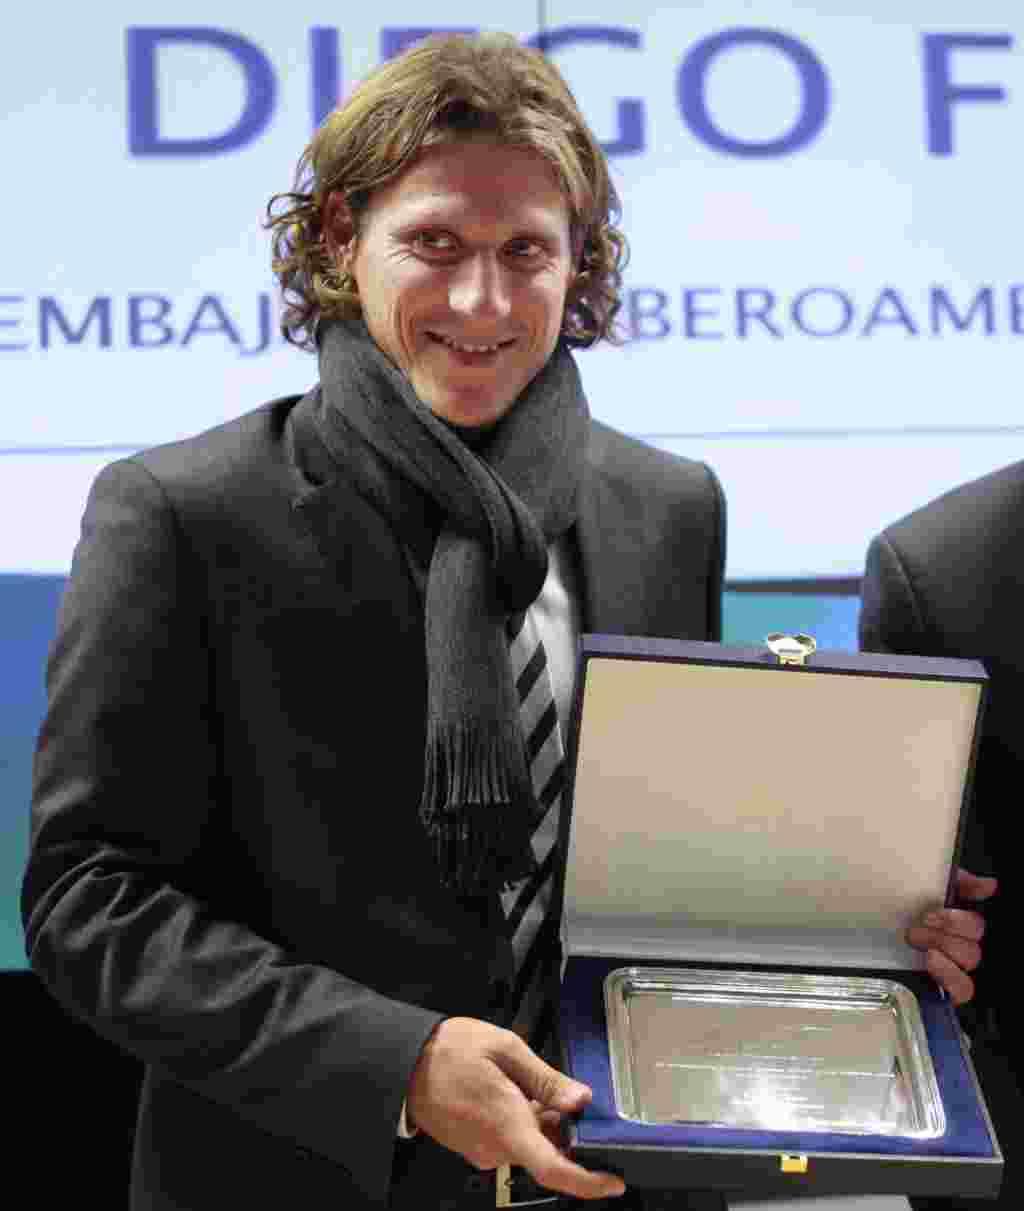 Diego Forlán del Atlético de Madrid fue nombrado embajador Iberoamericano del deporte en Madrid el 17 de diciembre de 2009.